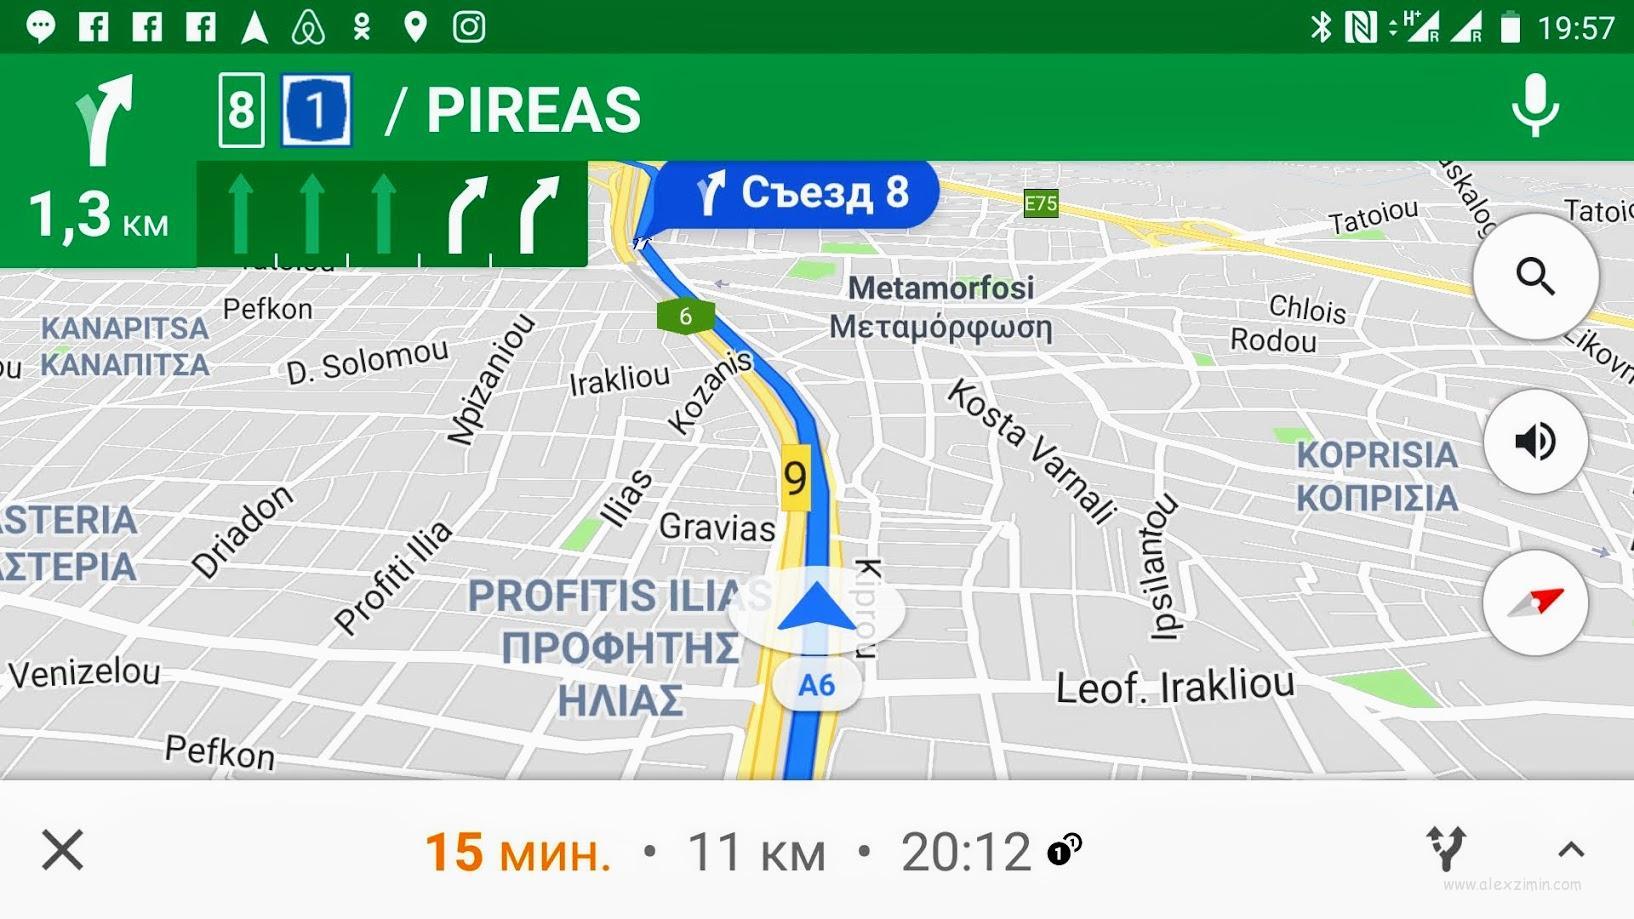 Использование Google карты в качестве навигатора по Греции